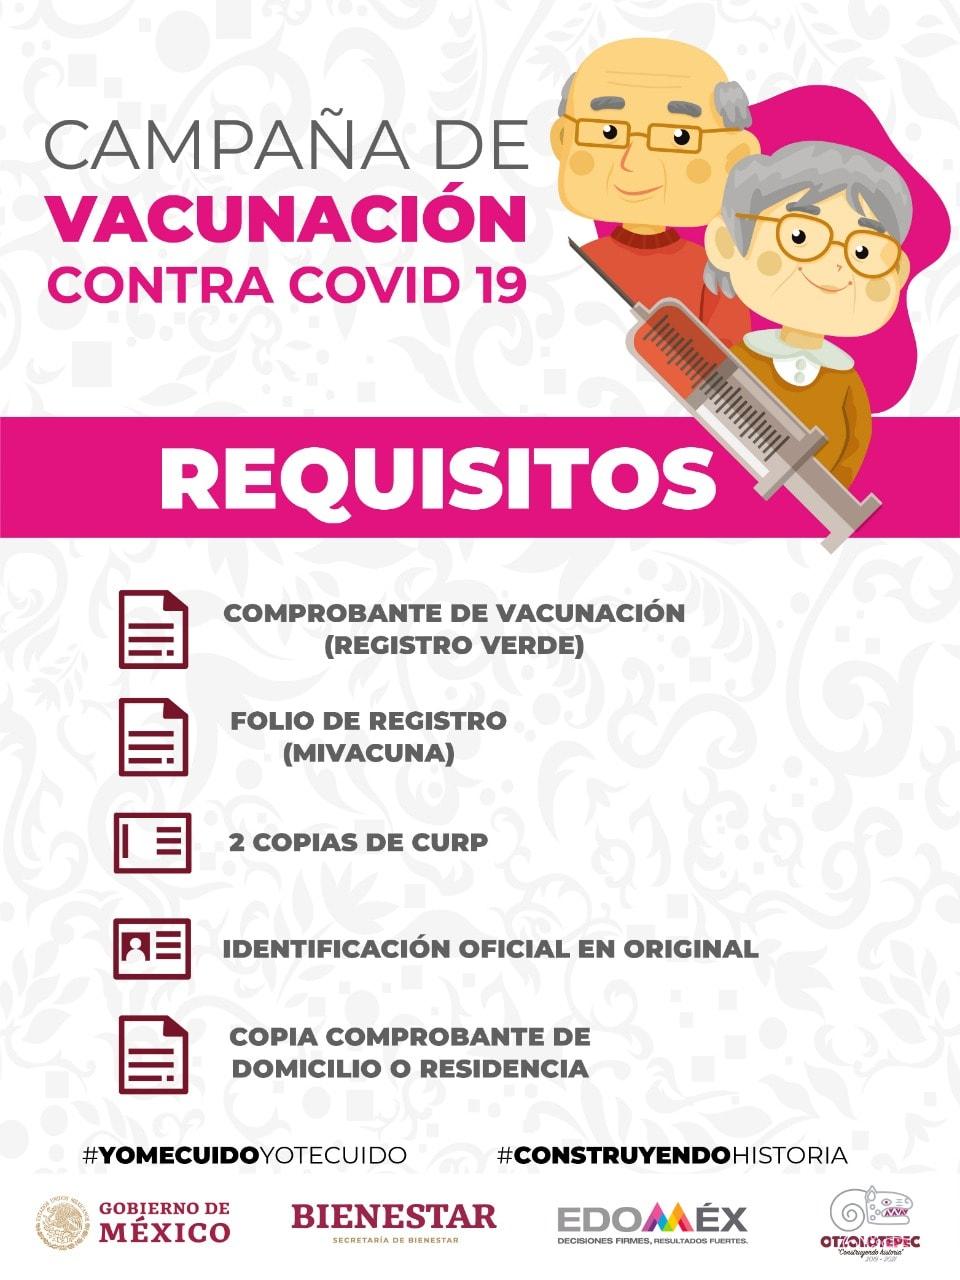 Los requisitos que estaran solicitando para poder vacunar